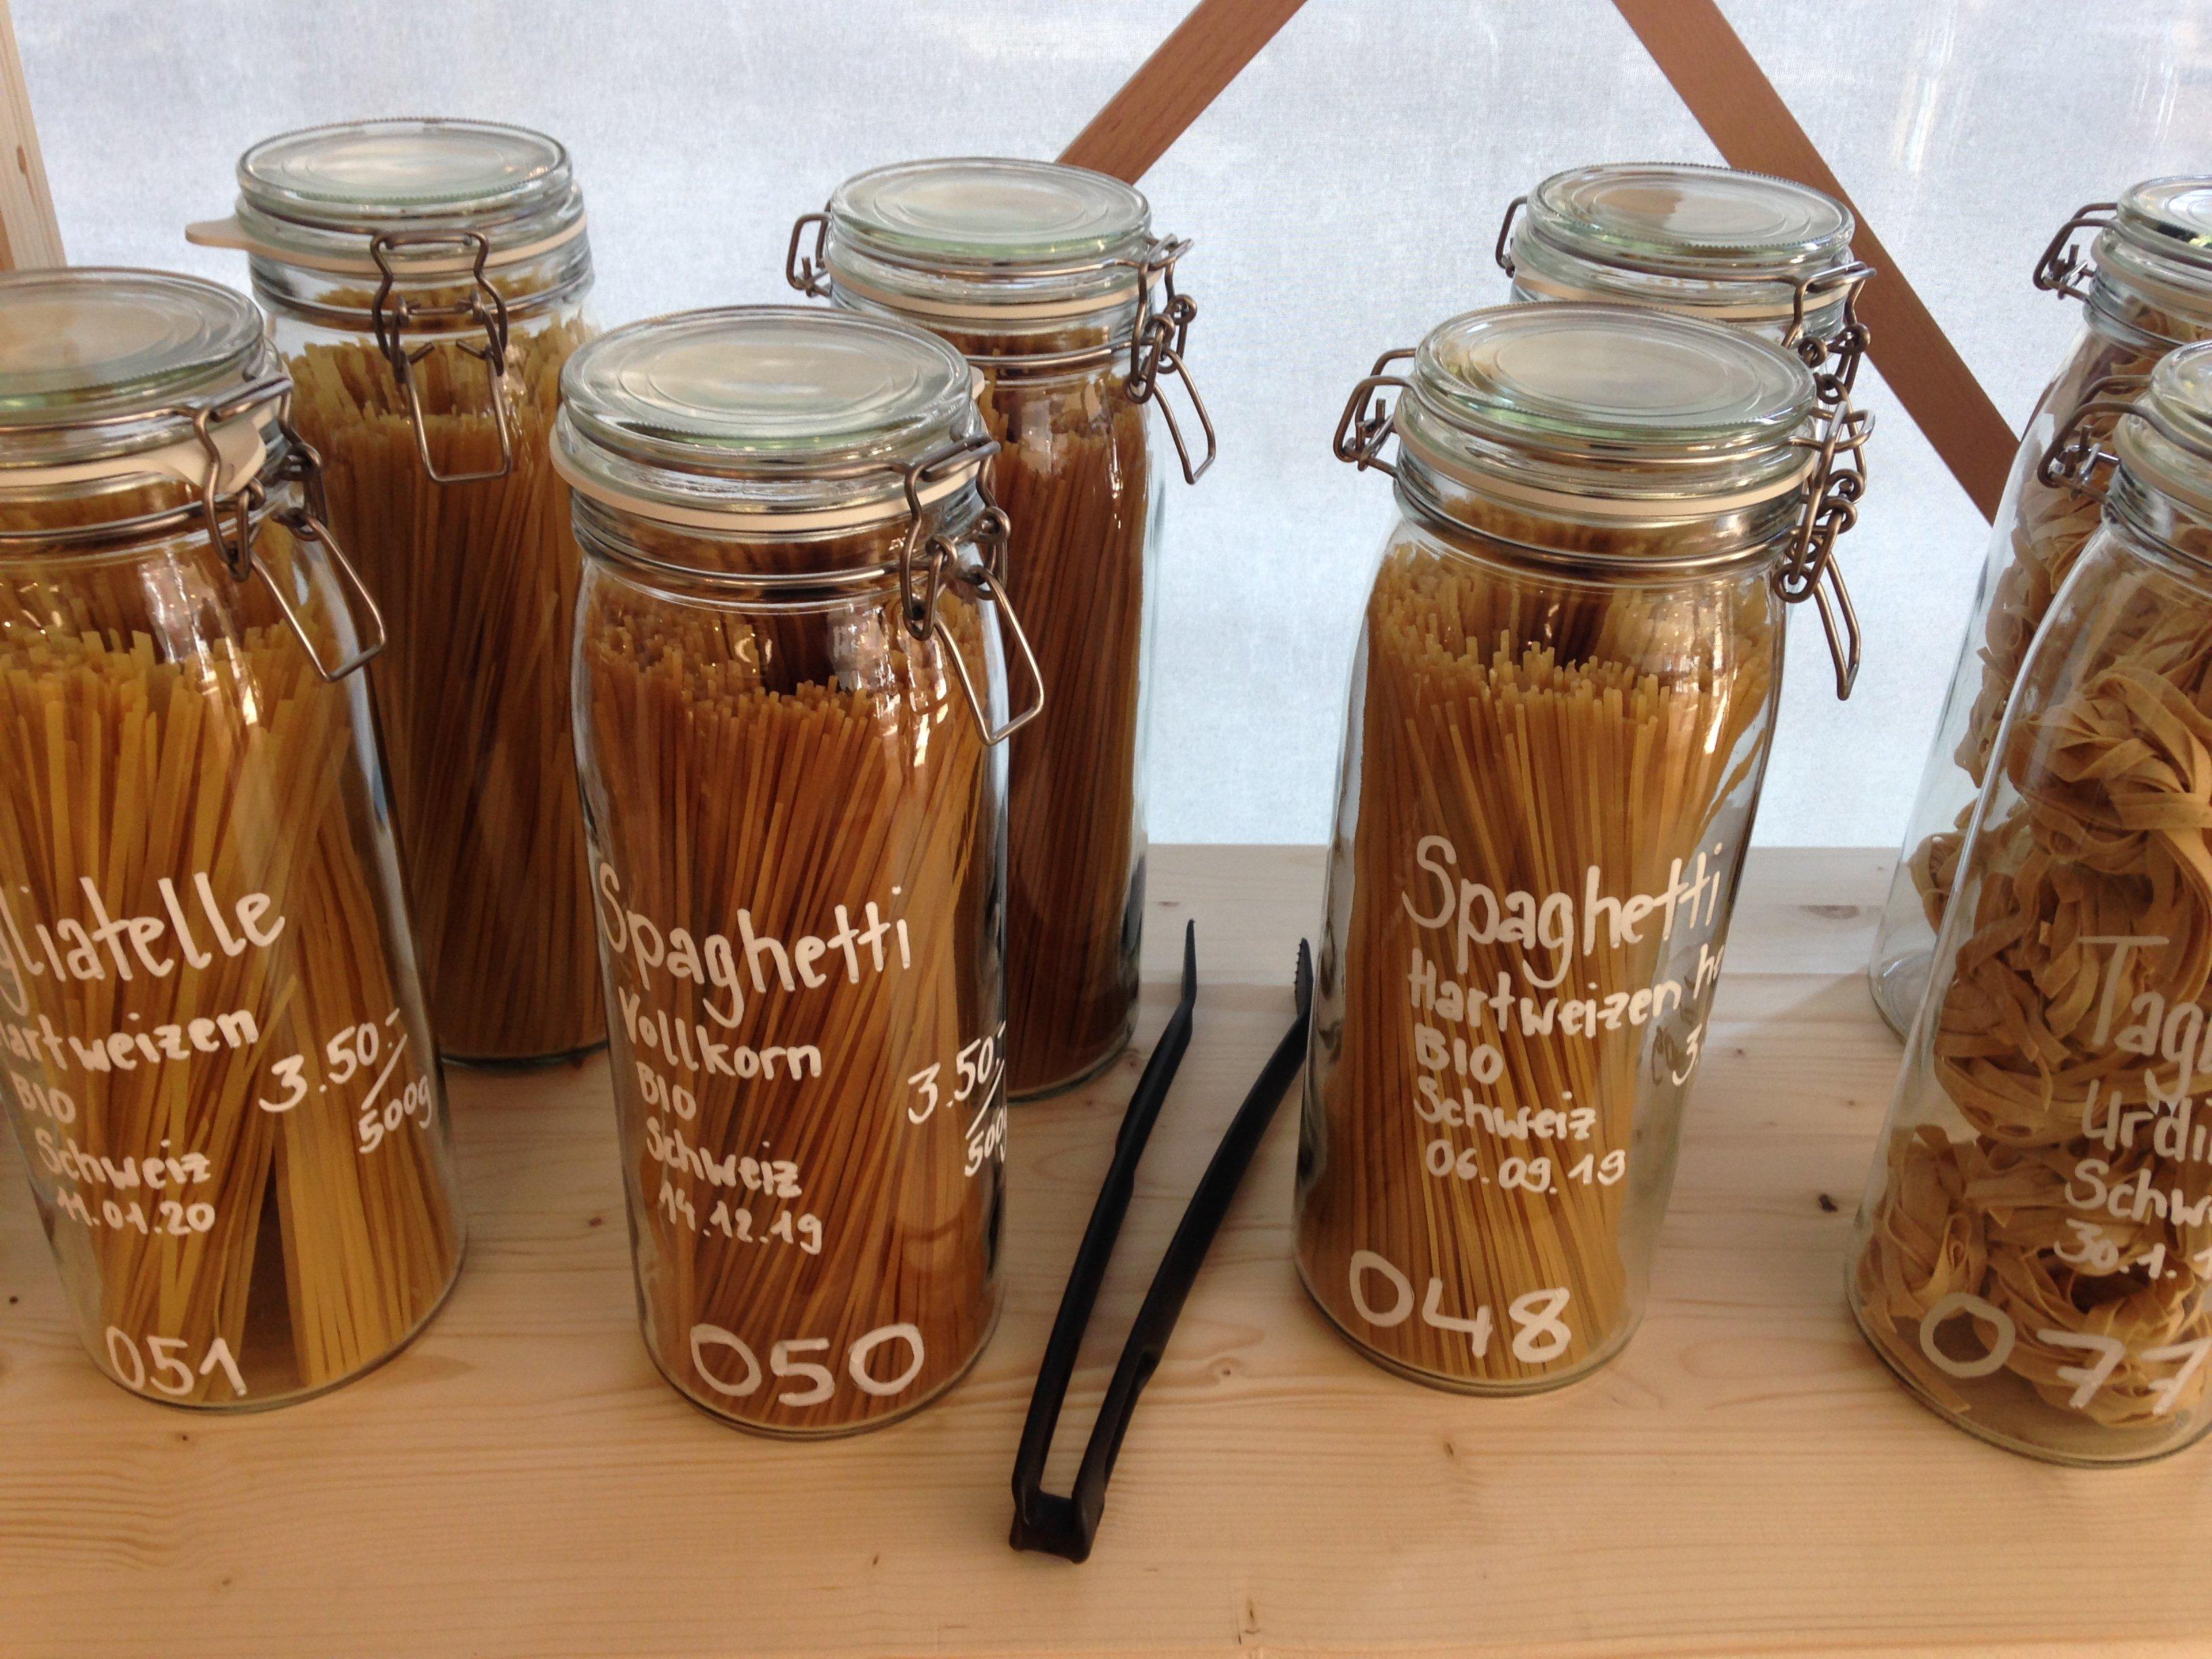 Zum Beispiel Pasta gab es bei Unverpackt Luzern abfallfrei zu kaufen.